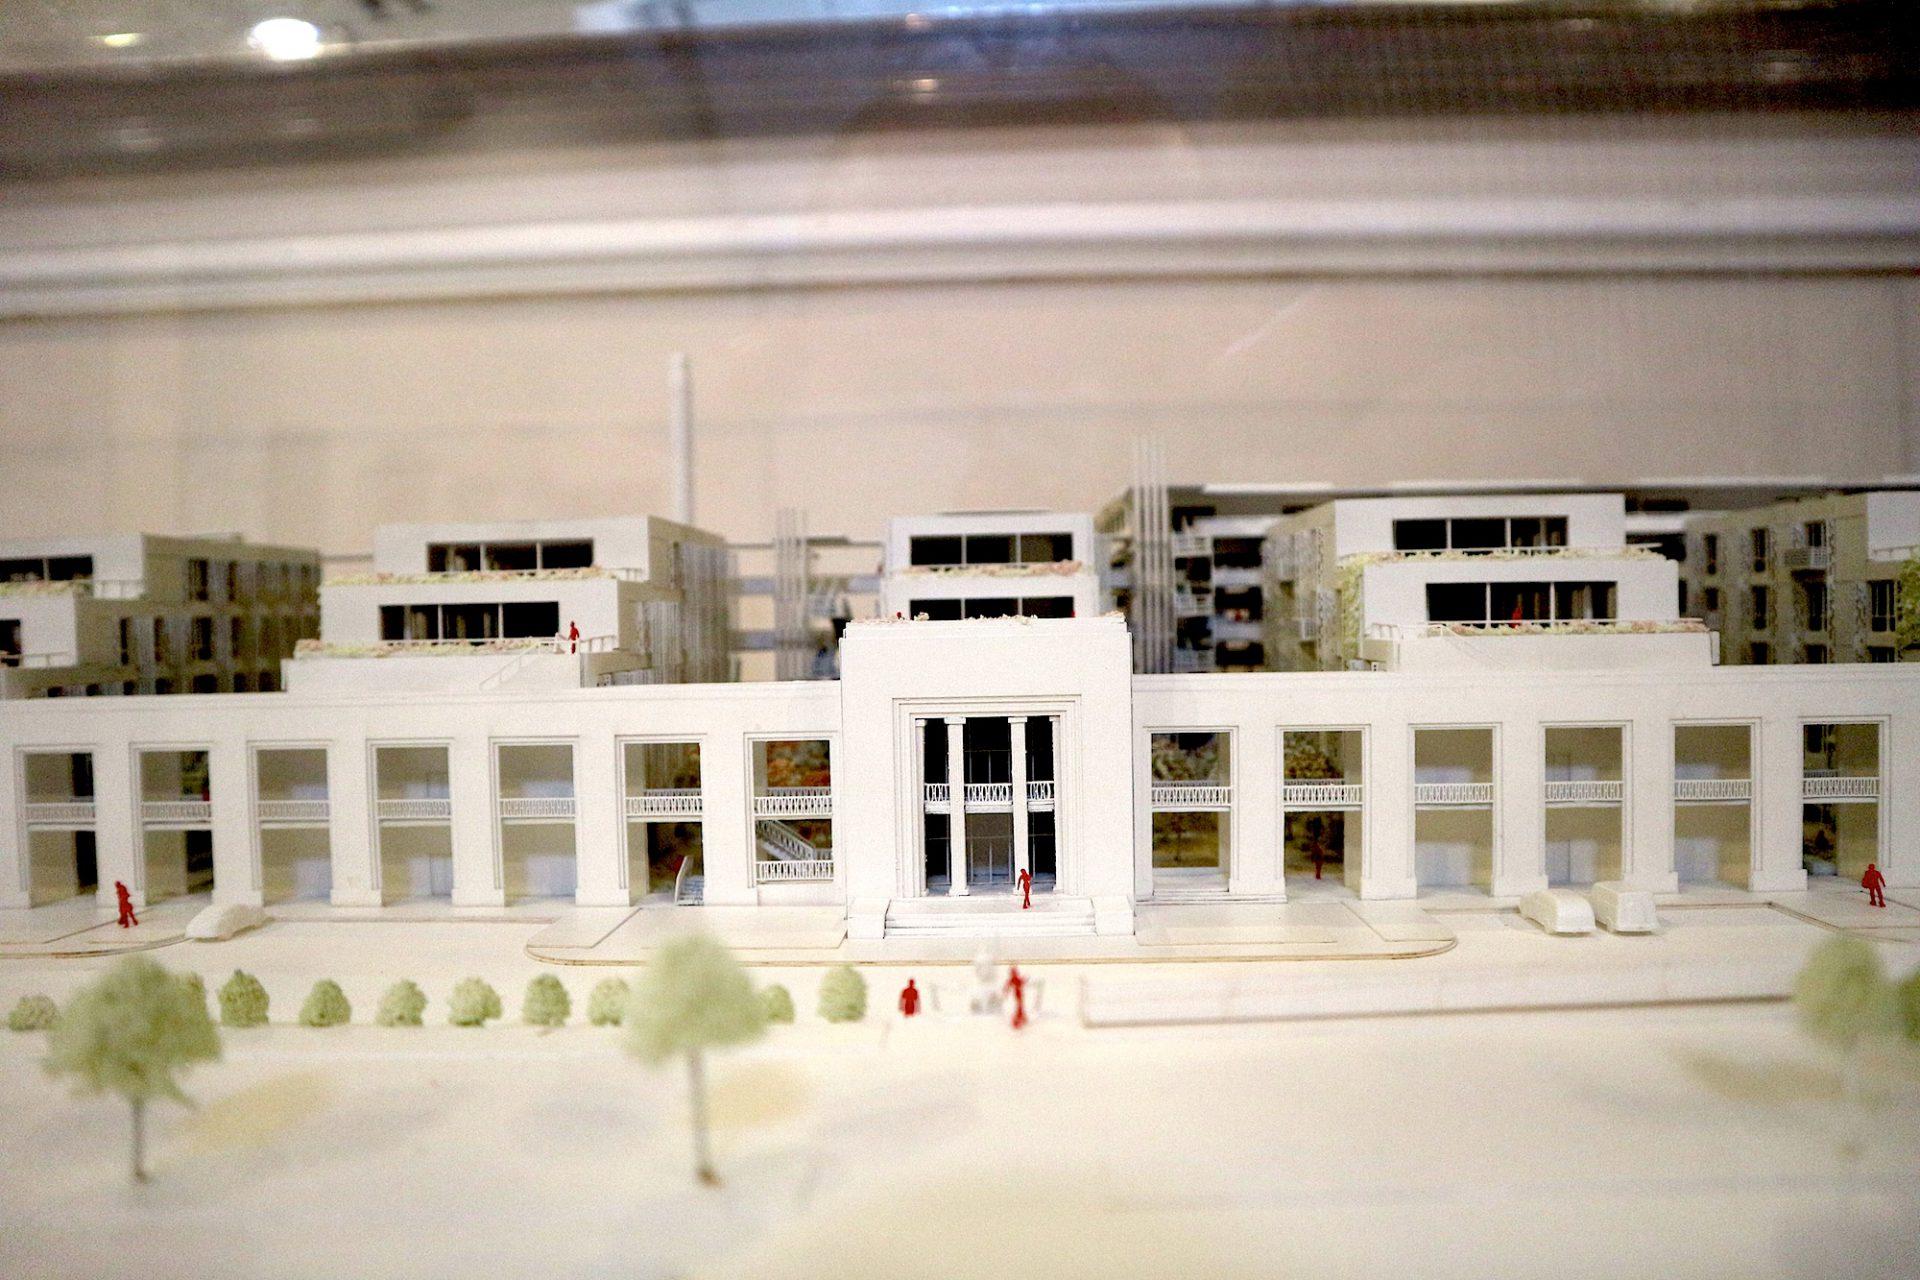 Wohnlich.  Modell der Umbaumaßnahmen. In diesem Bereich soll Platz für Büros und Gewerbe geschaffen werden. Für die Planungen ist das Büro Ian Ritchie Architects verantwortlich.